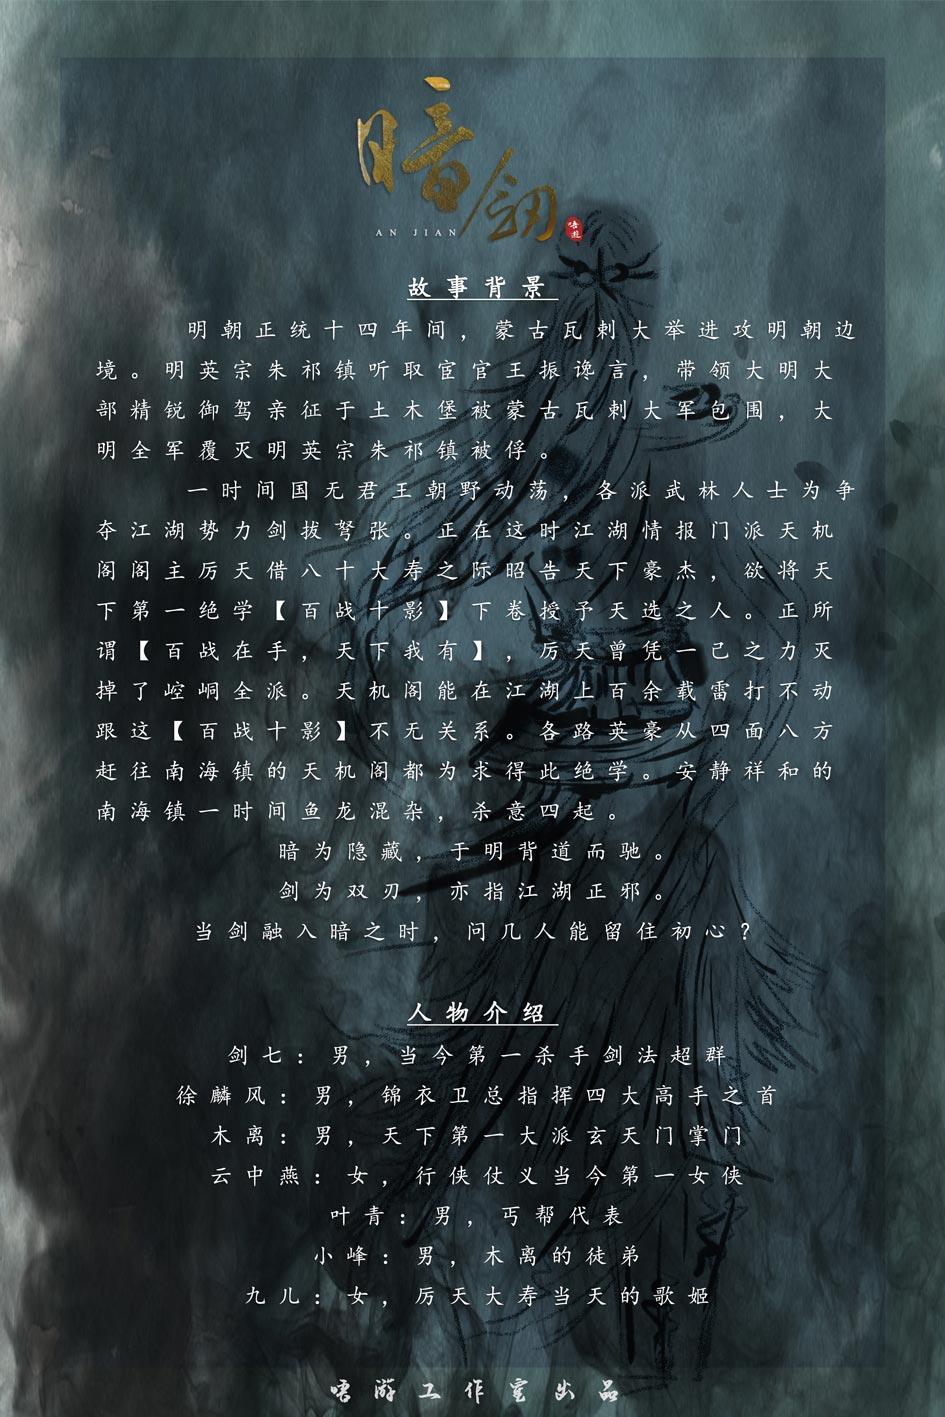 『暗剑』剧本杀复盘凶手真相解析